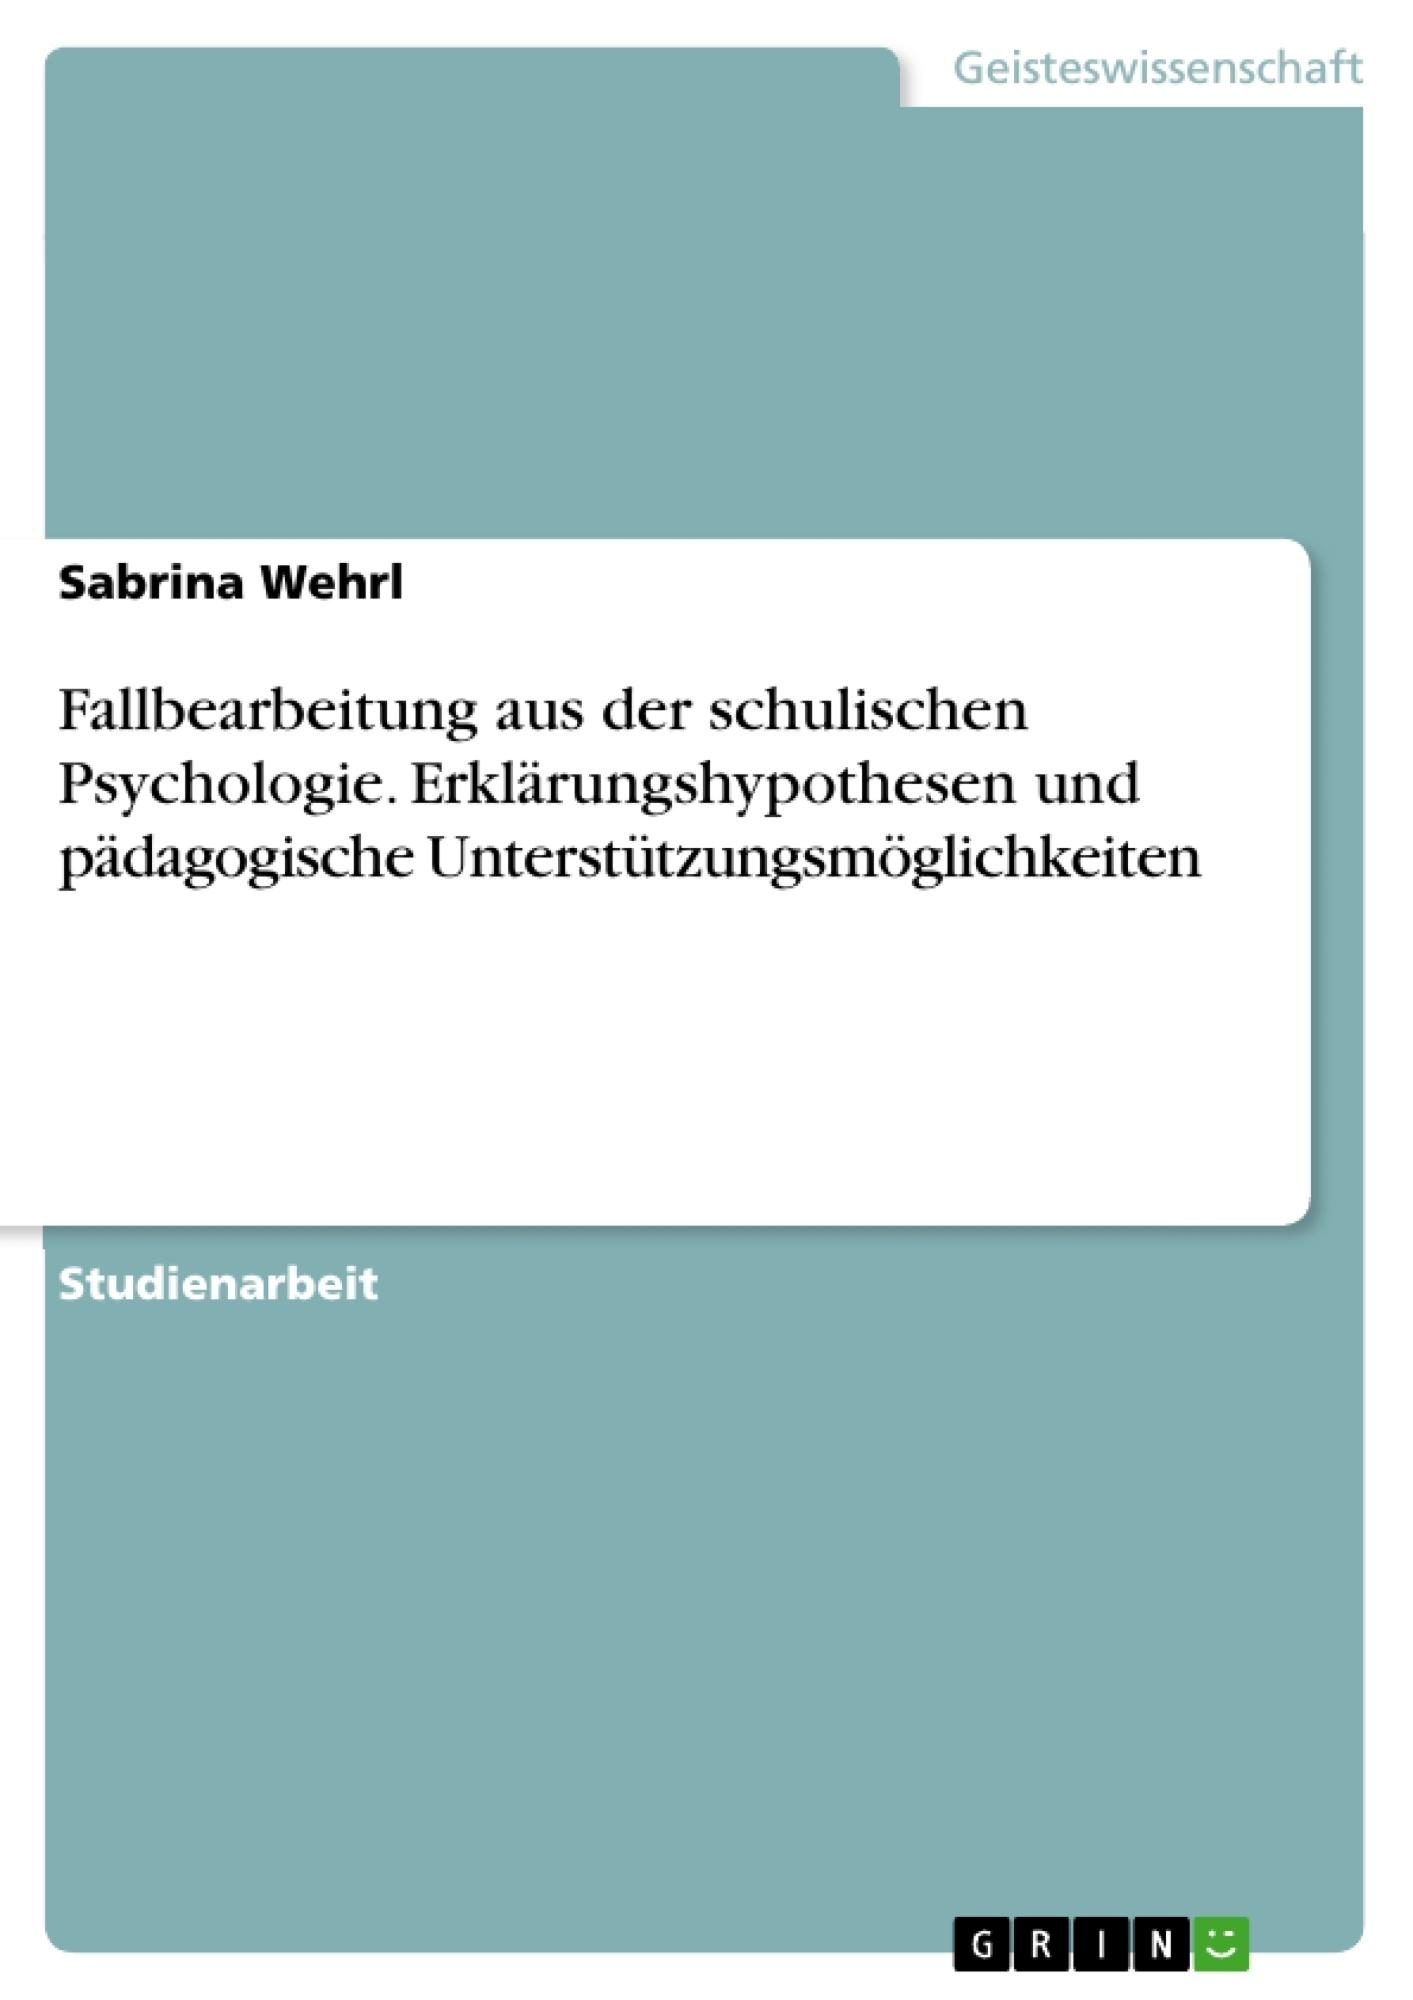 Titel: Fallbearbeitung aus der schulischen Psychologie. Erklärungshypothesen und pädagogische Unterstützungsmöglichkeiten